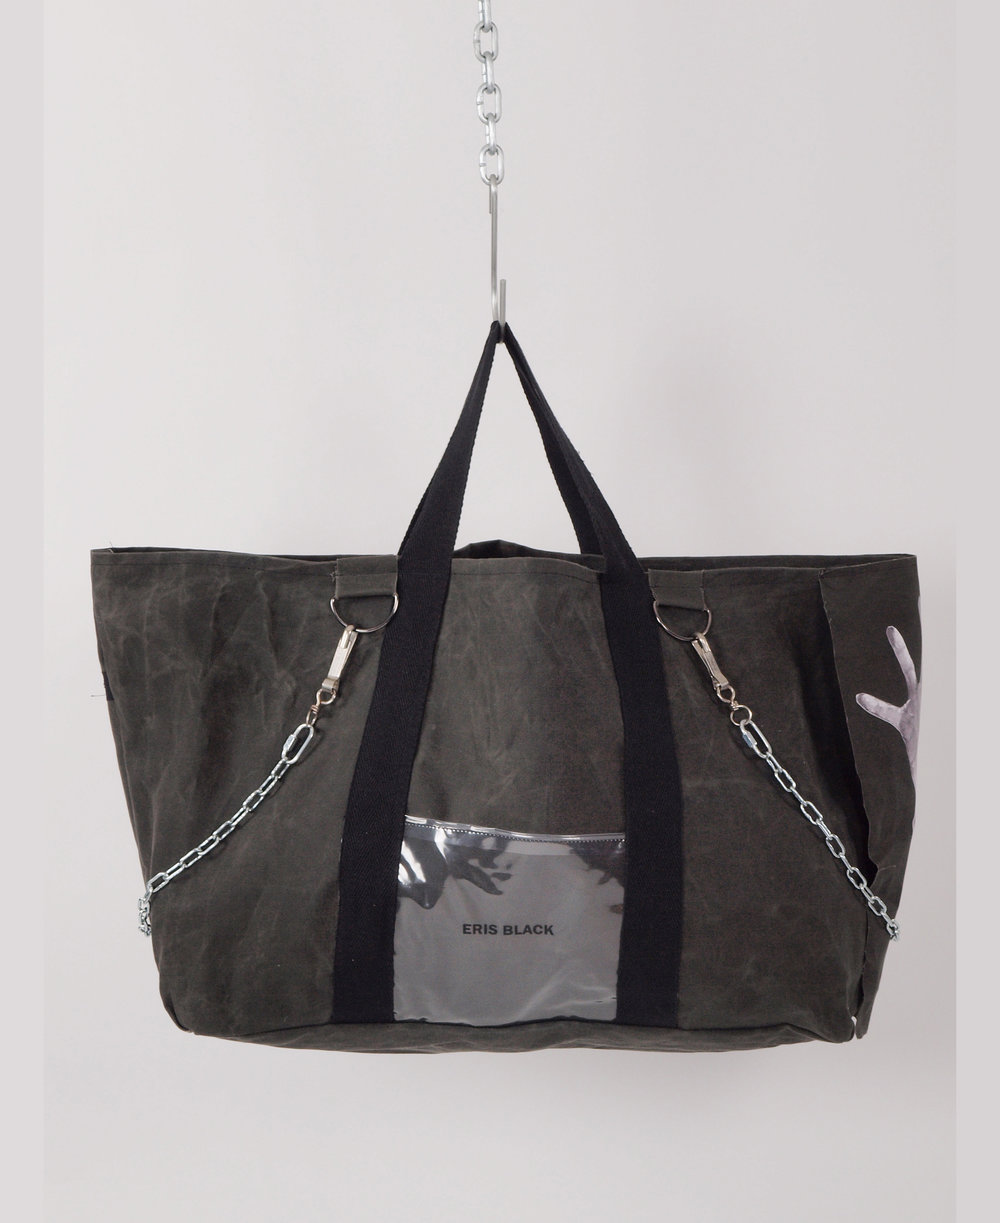 dark olive tote bag.jpg